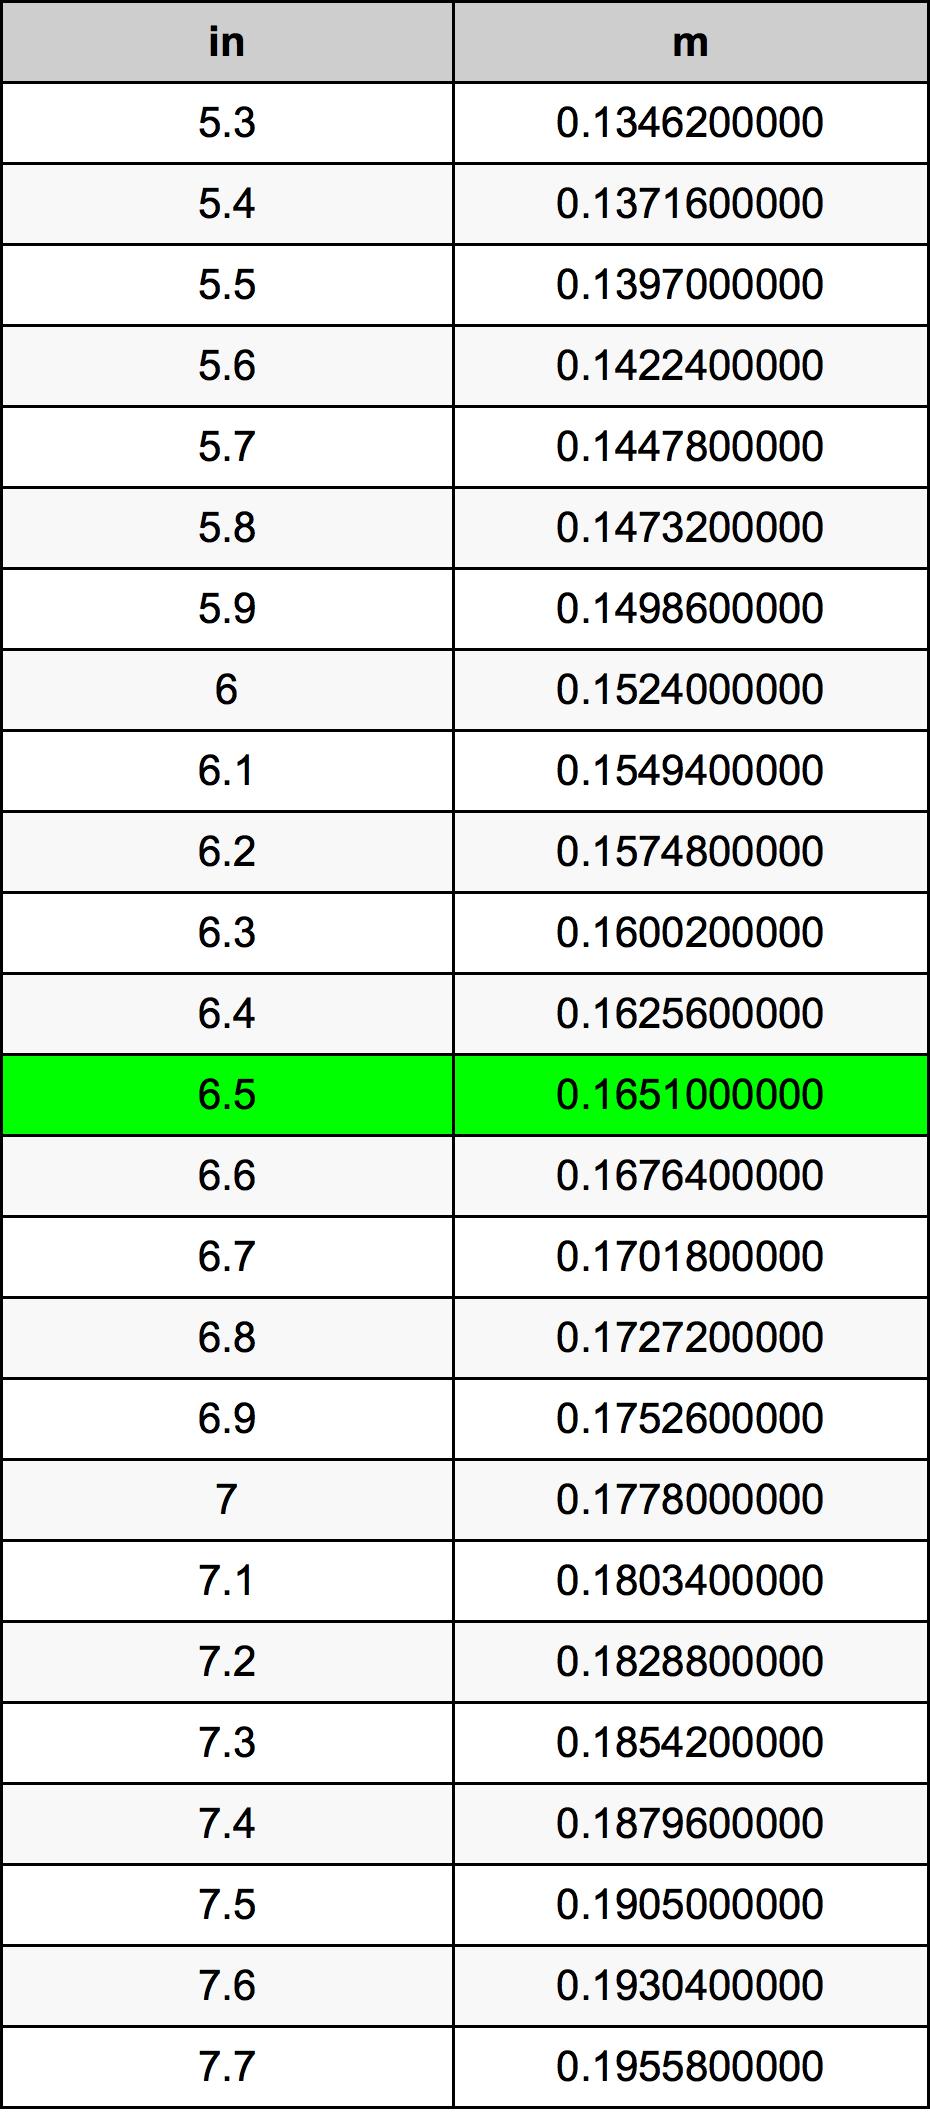 6.5 Tomme konverteringstabellen